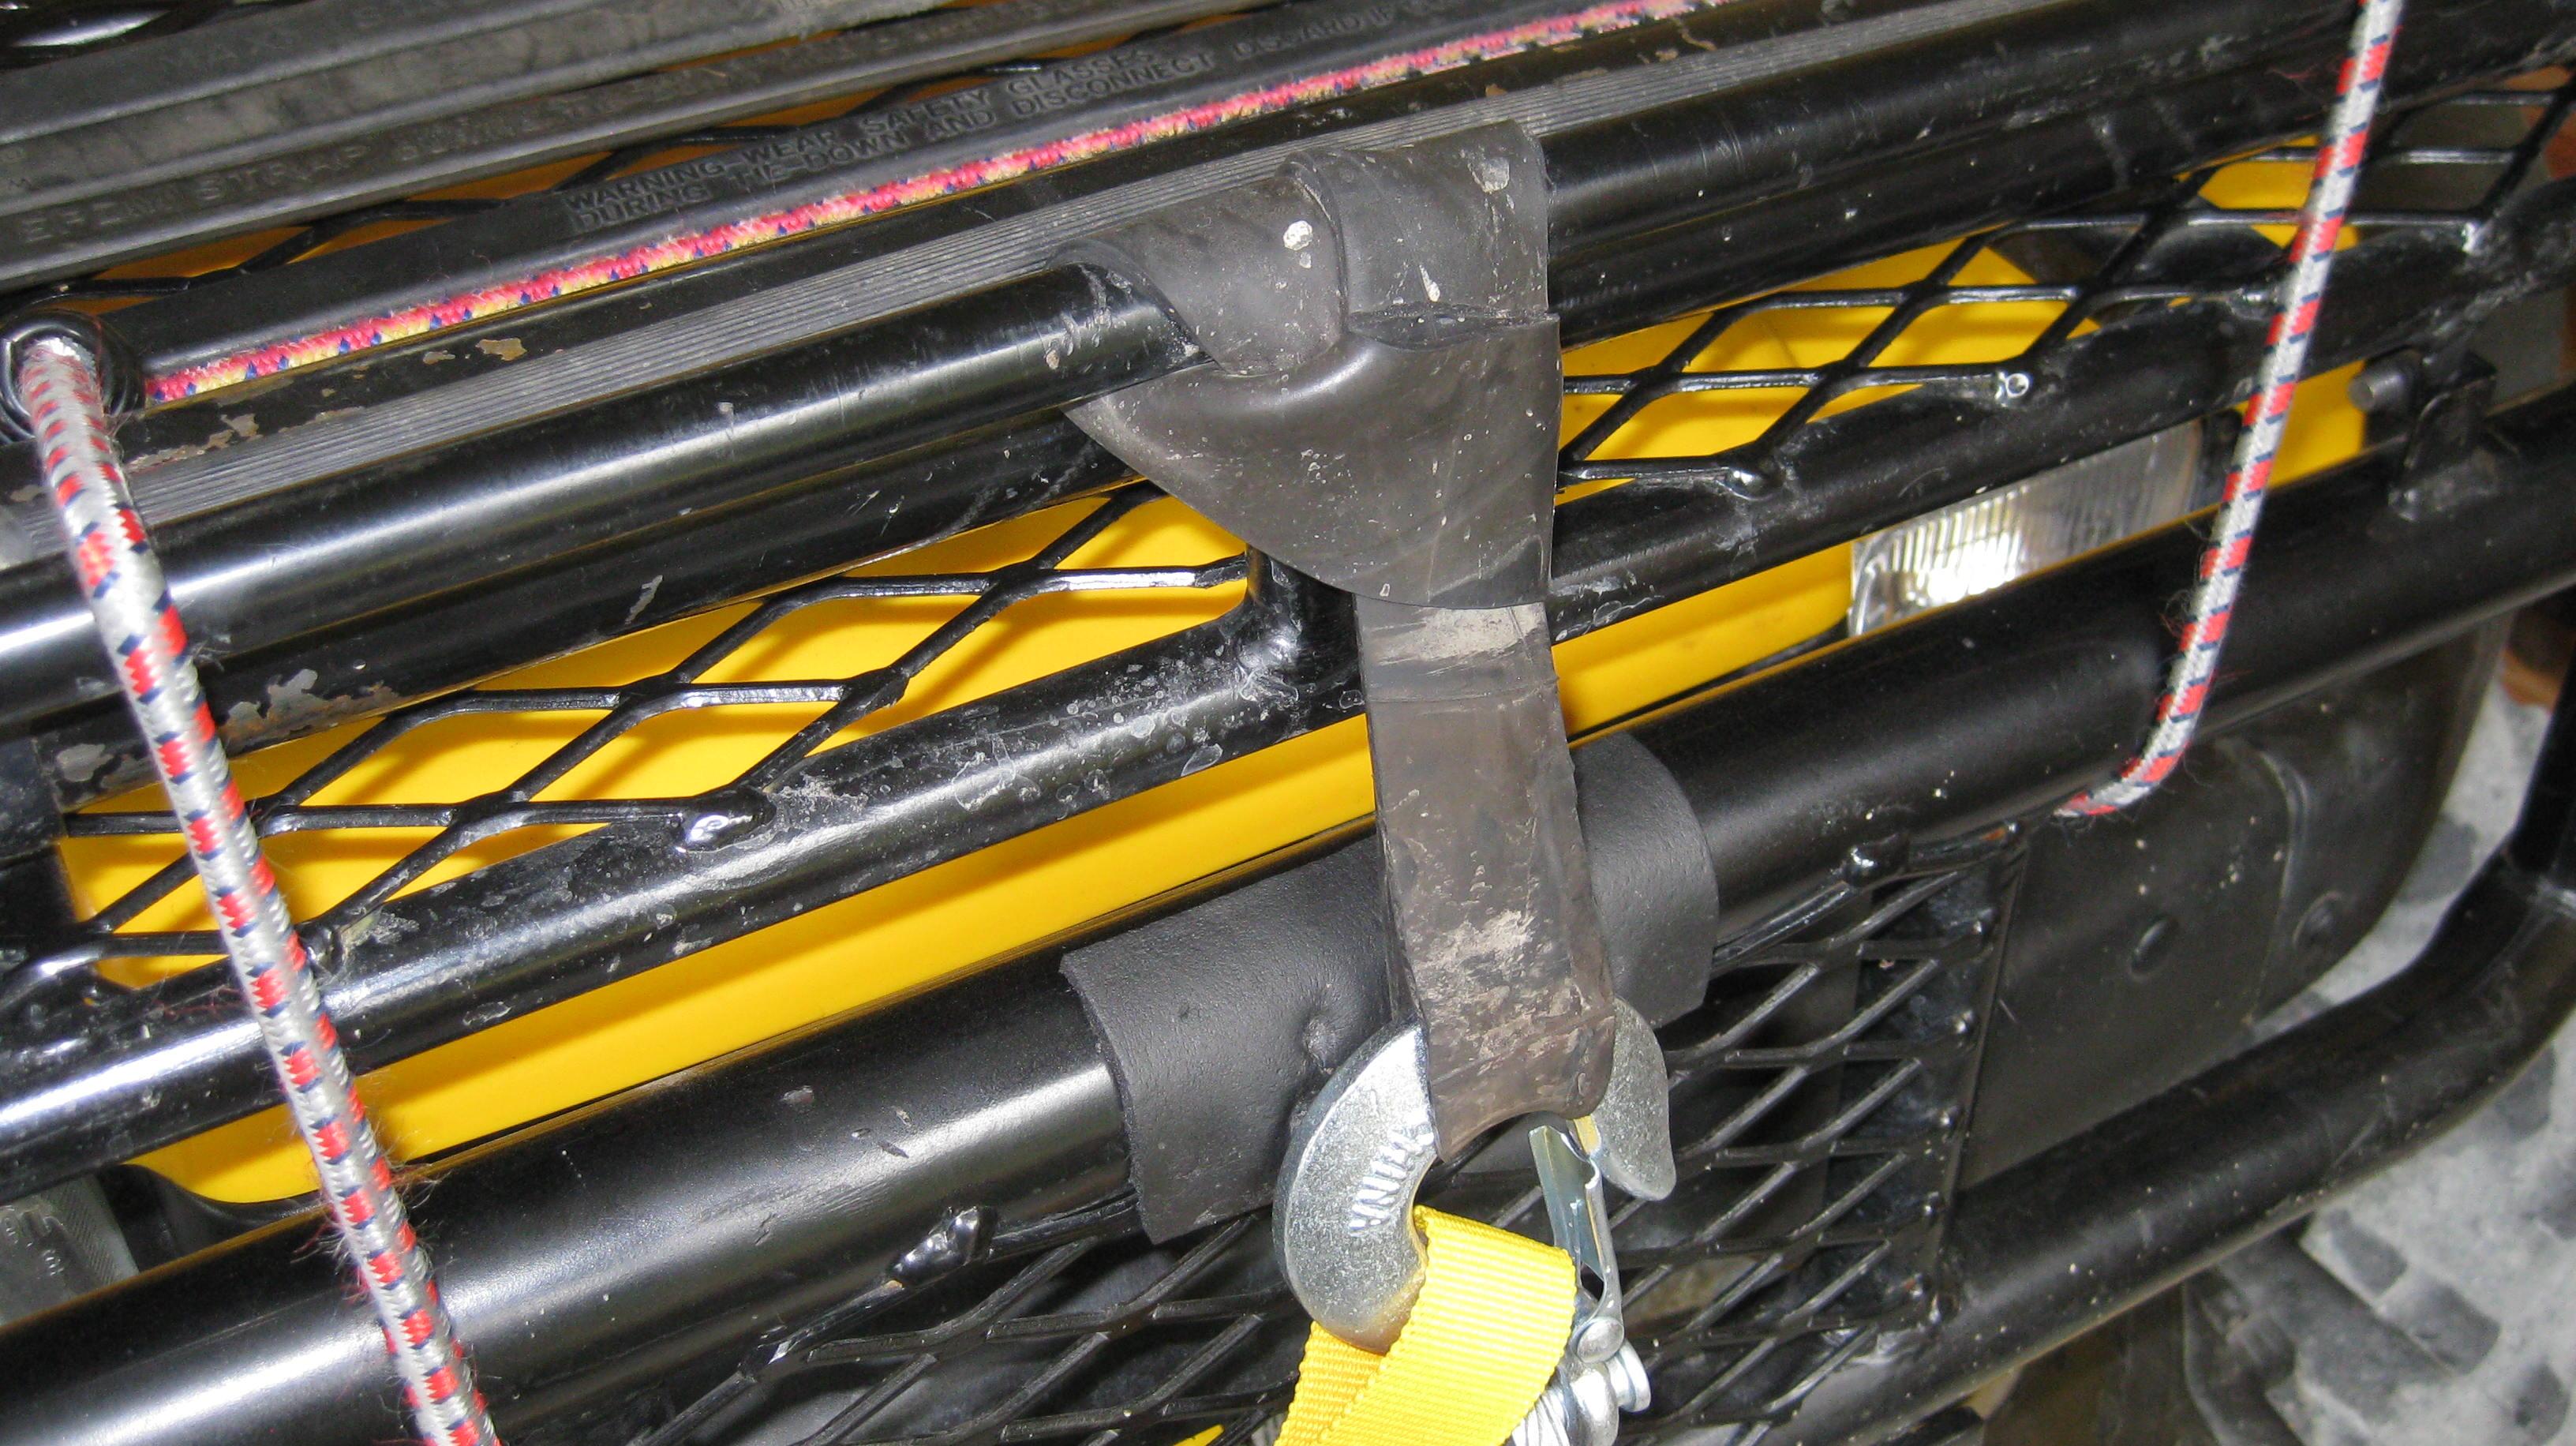 Harbor freight Badland 2500 lb winch  any good - Page 12 - Honda ATV